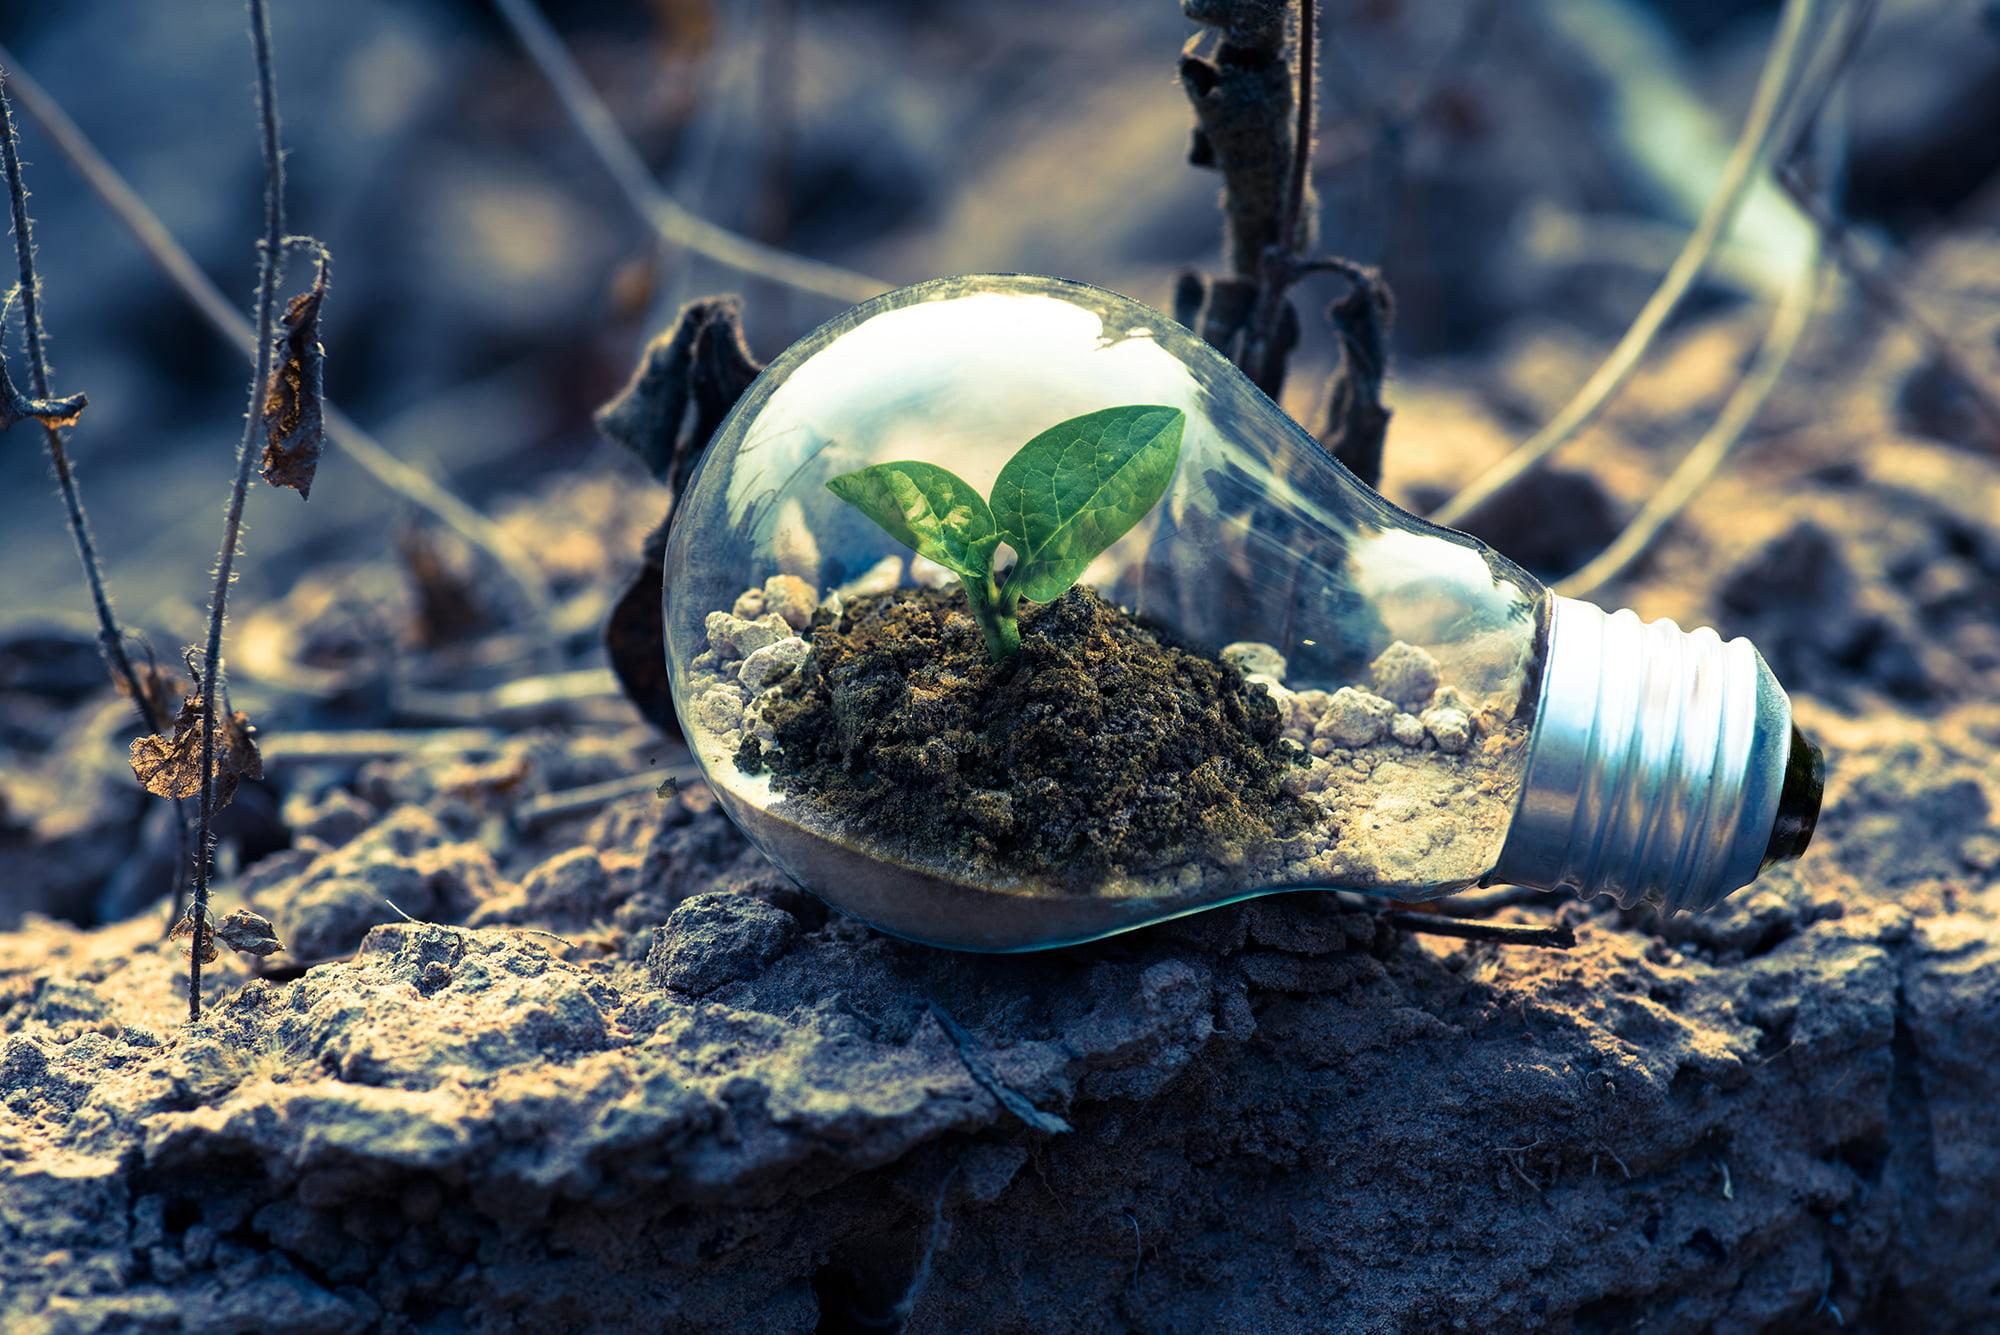 TRANESOL Sapiens proyectos agro-fotovoltaicos-TRANESOL02